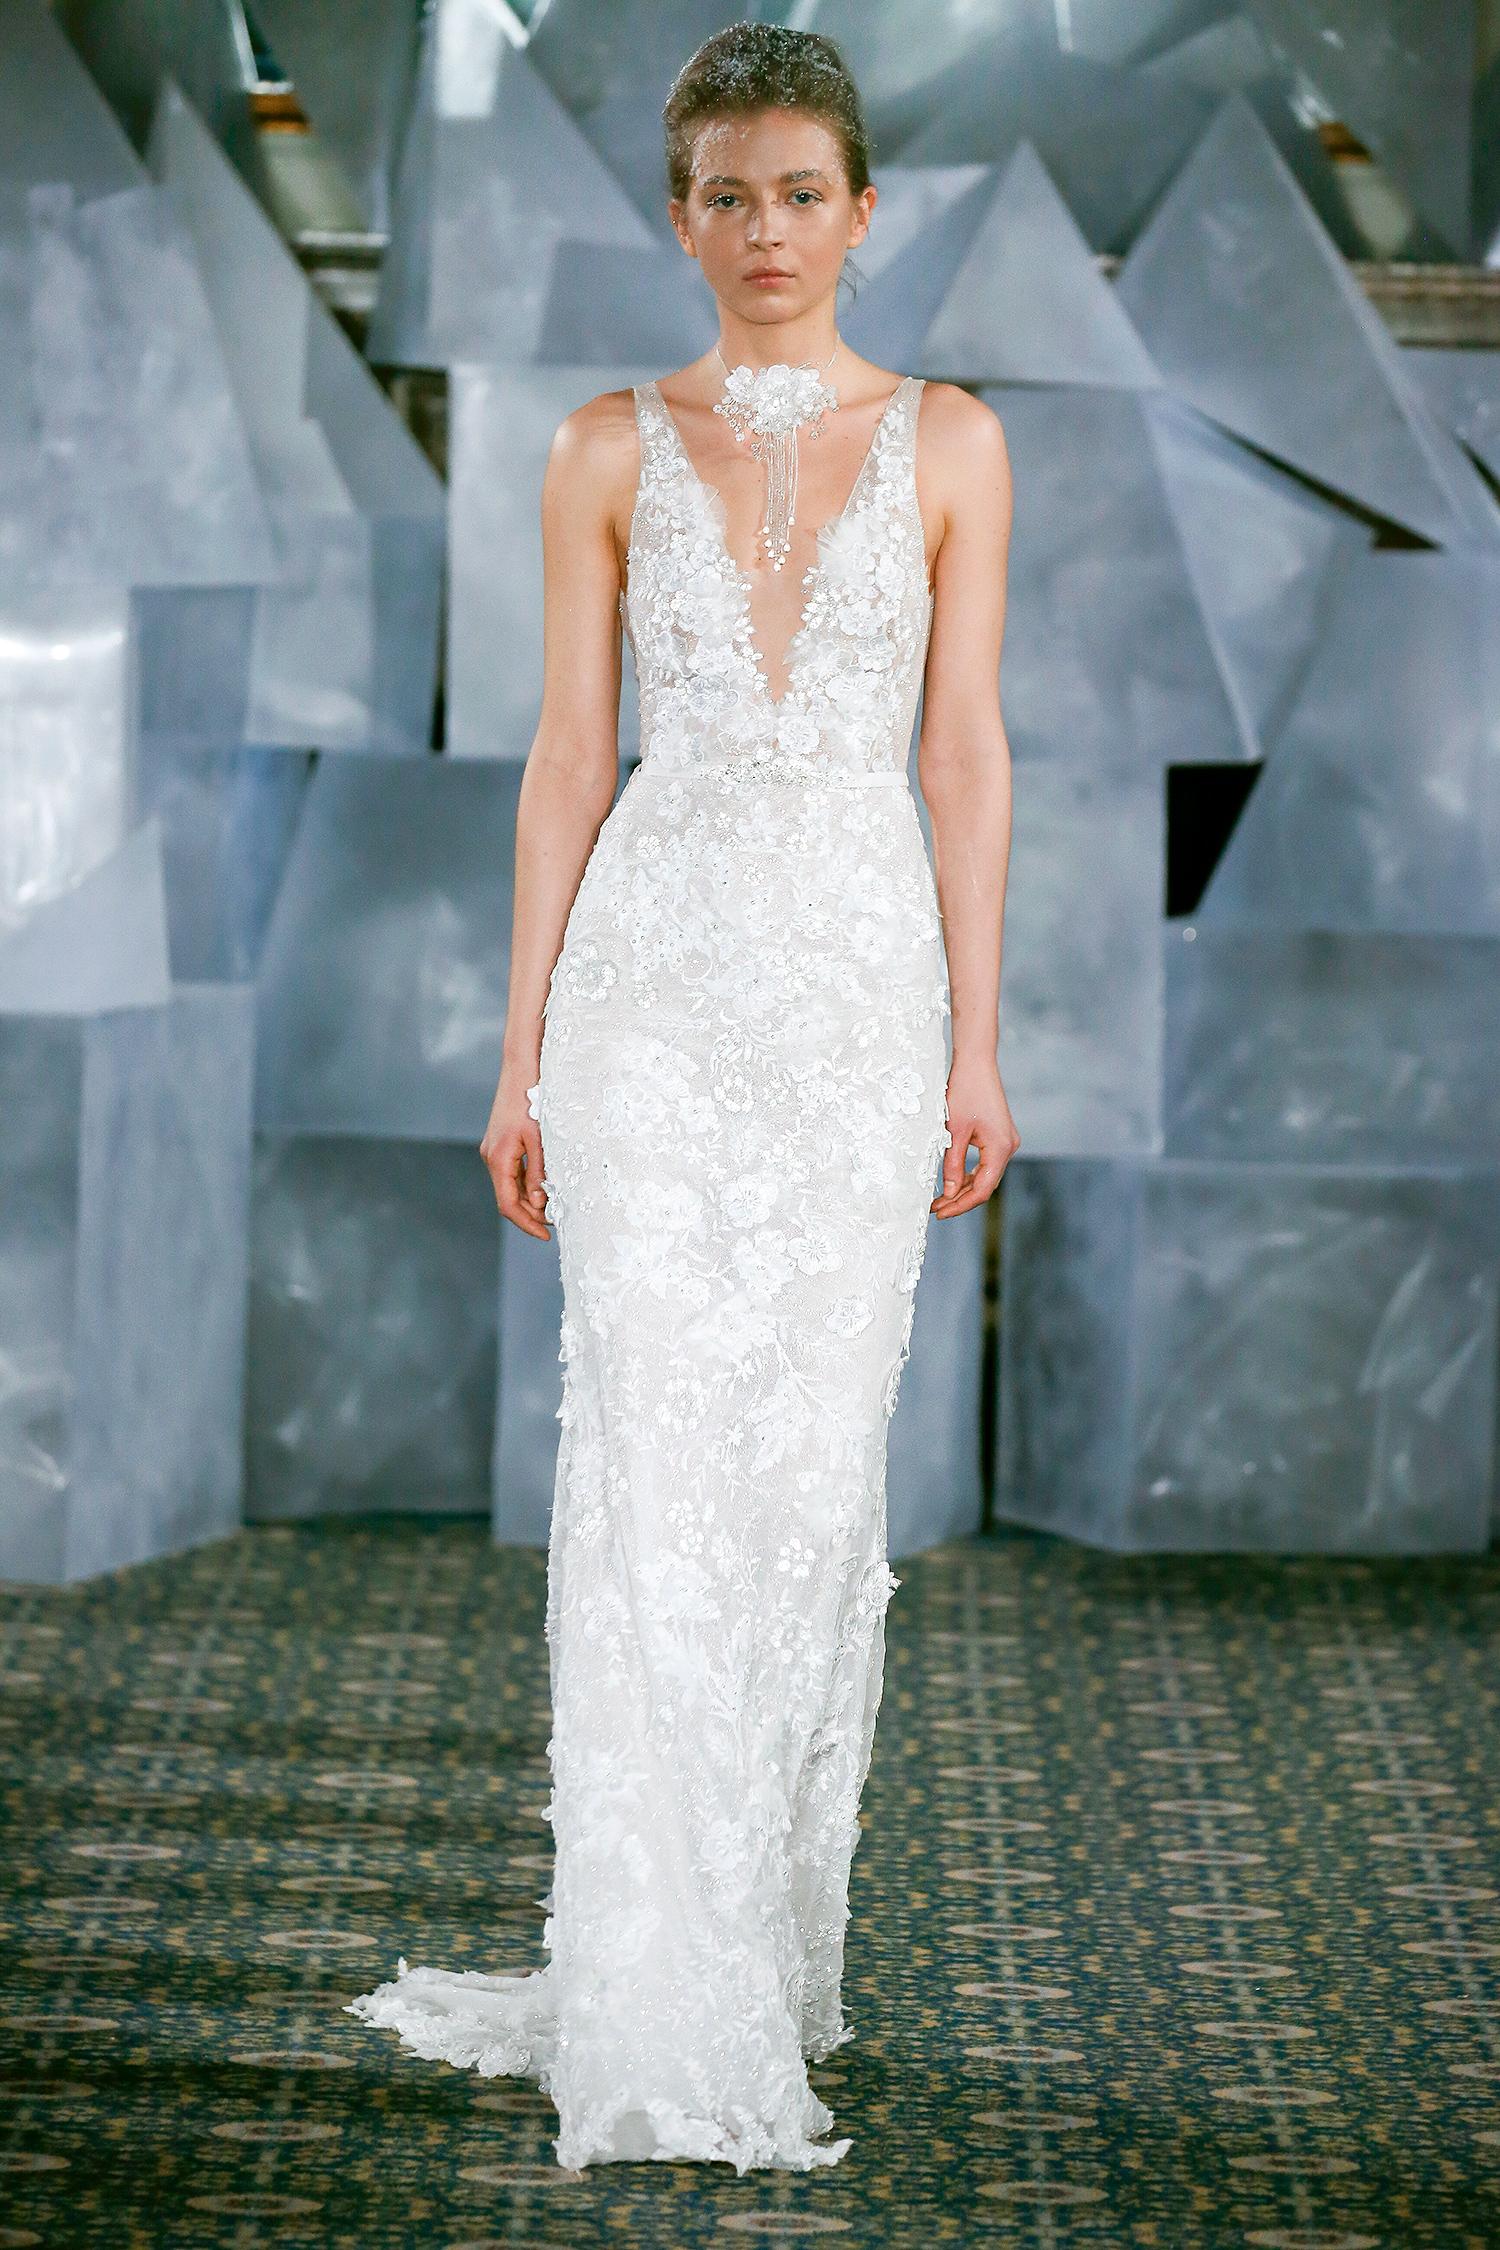 mira zwillinger wedding dress spring 2019 plunging neck applique belt